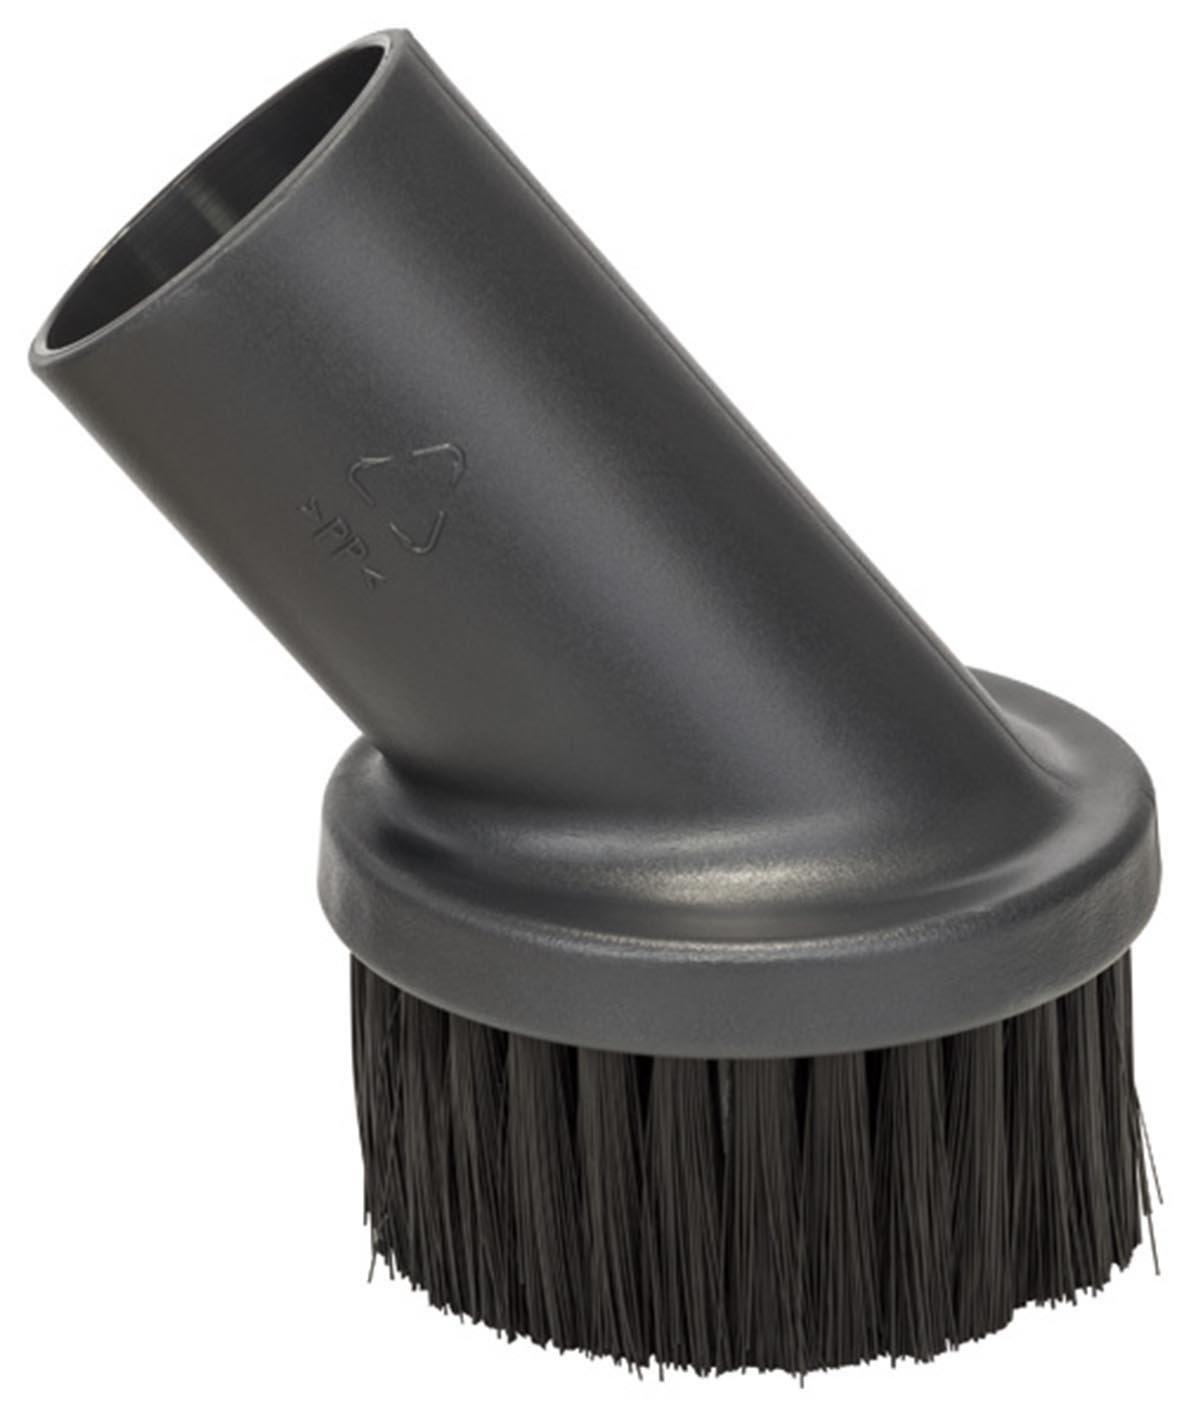 Acquisto Bosch 1609390481 - Spazzola aspirapolvere, ø 35 mm Prezzo offerta